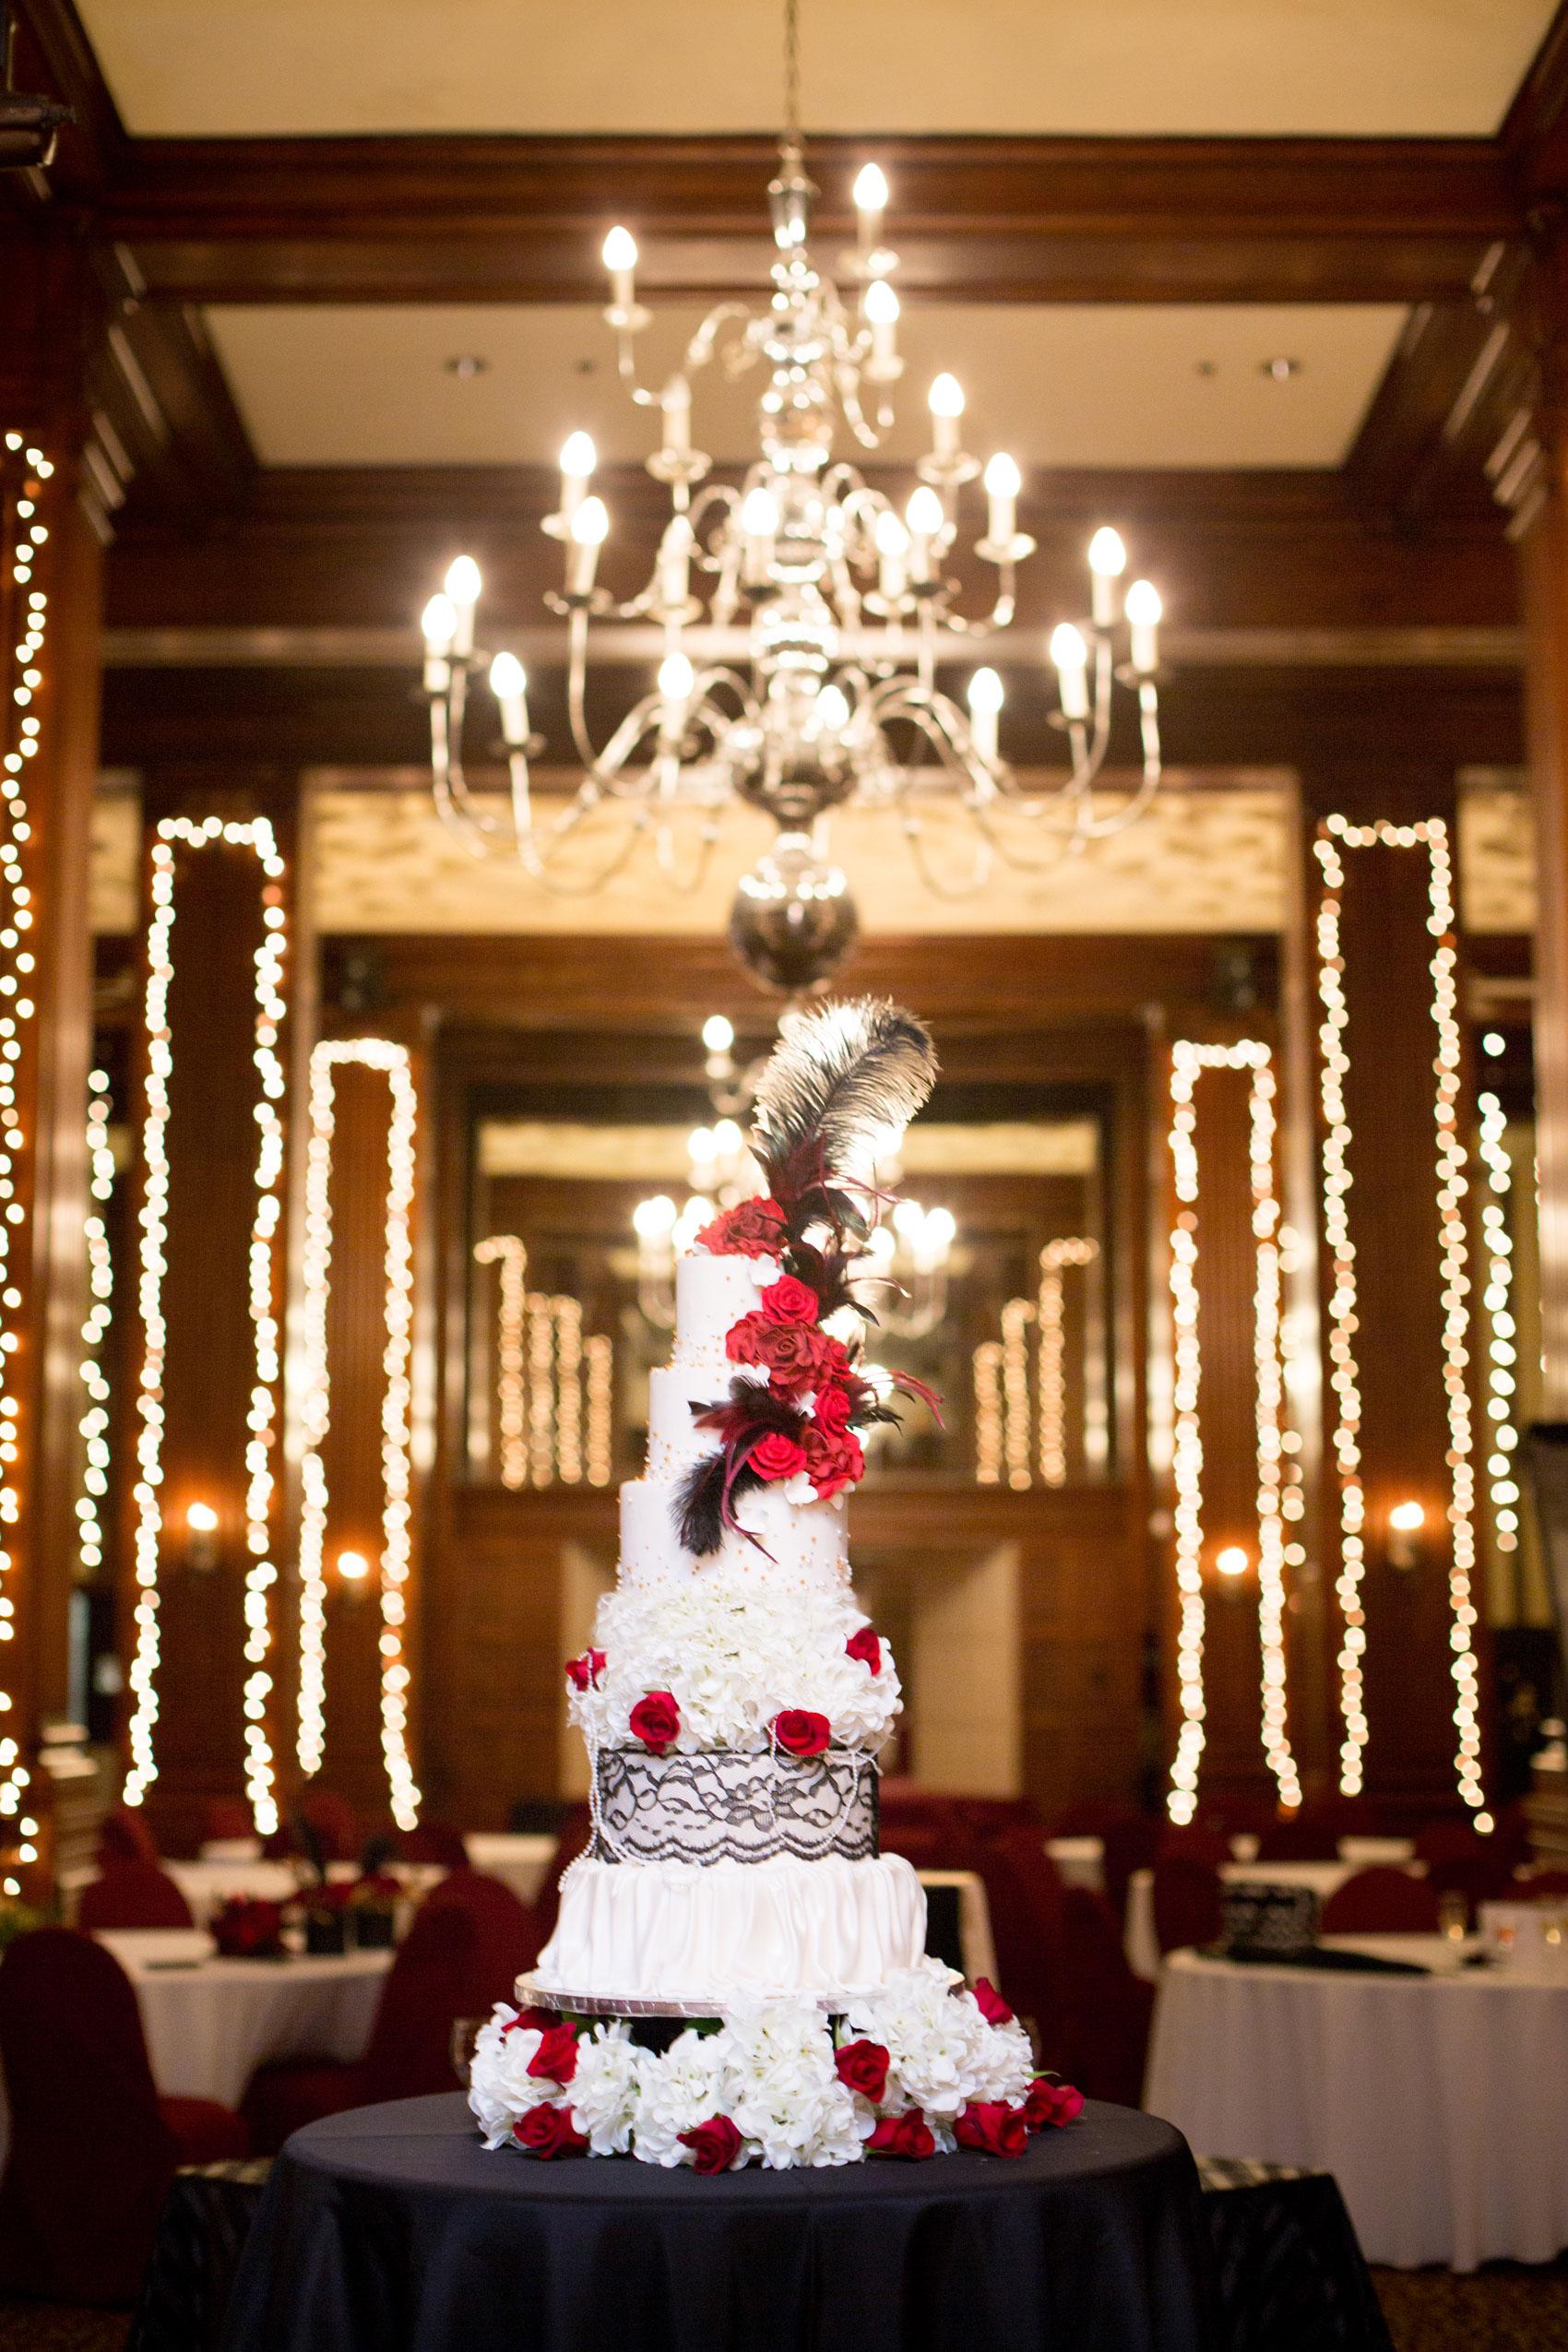 kg-cake-ballroom.jpg